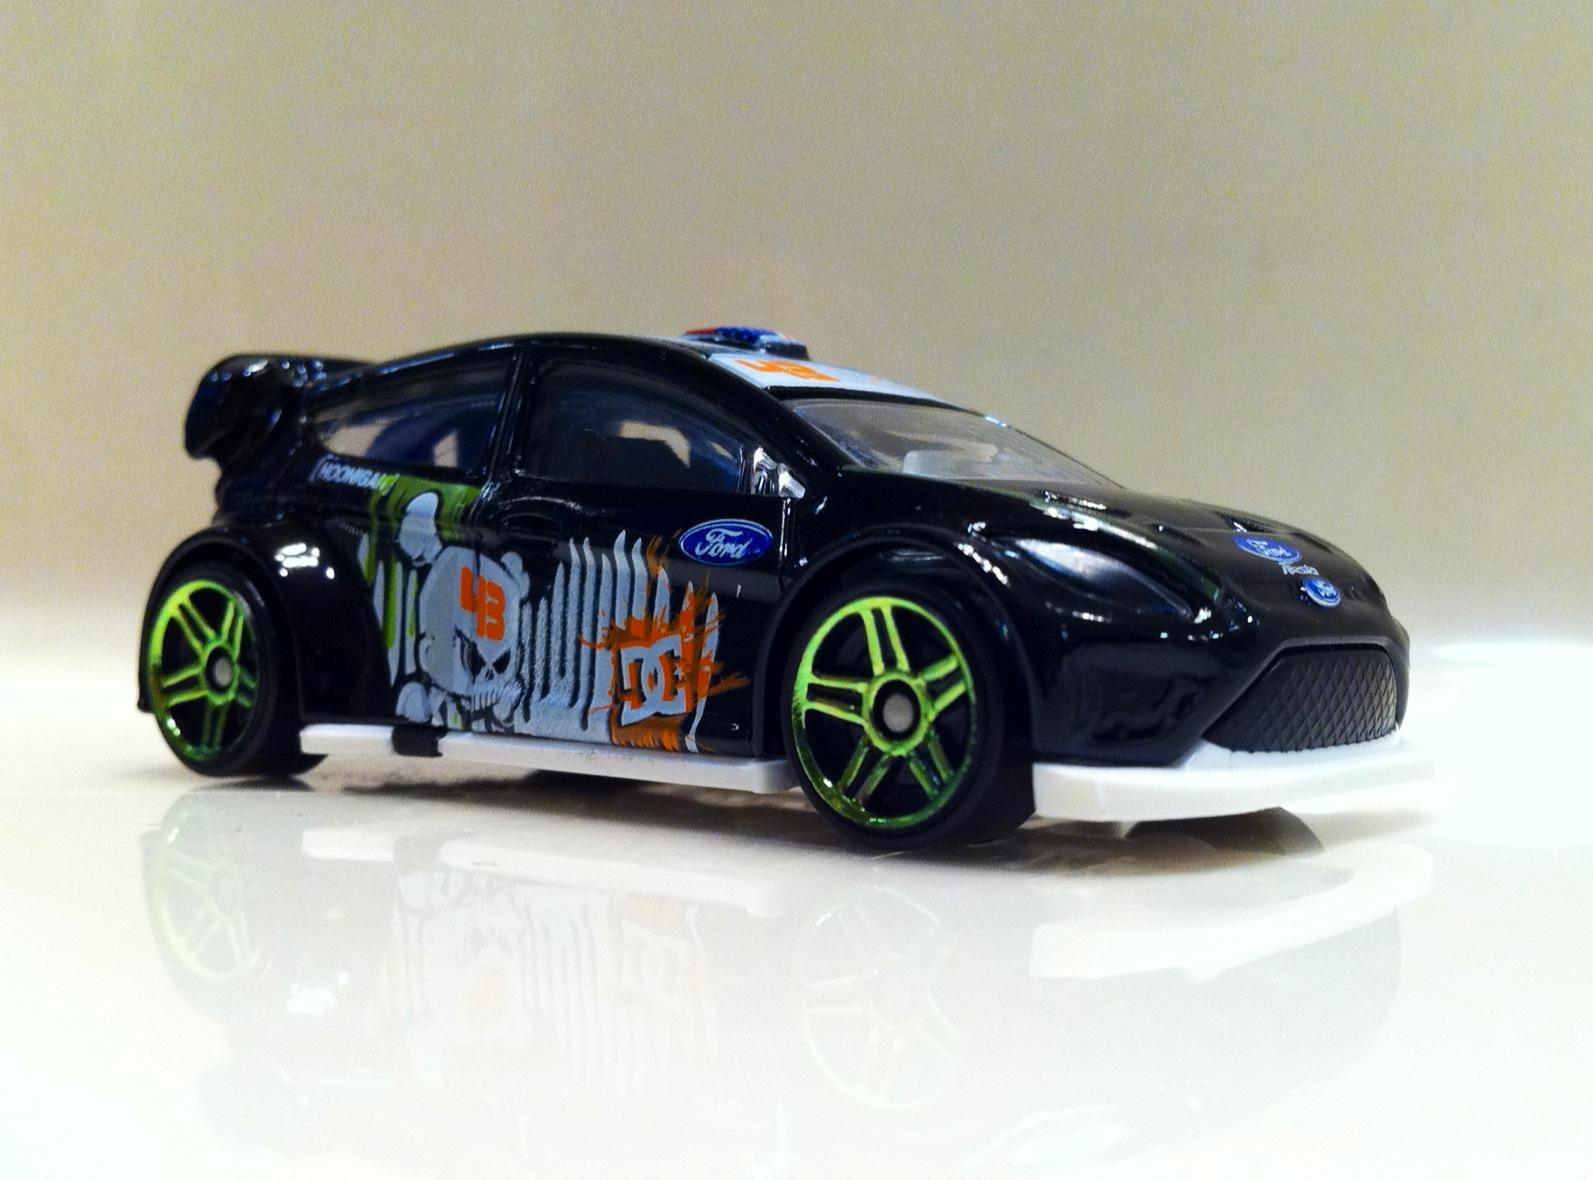 http://4.bp.blogspot.com/-r0PR-lHvuwY/TtMO4dWcsoI/AAAAAAAACPA/ZDelCdB9EZs/s1600/Ken+Block%2527s+Ford+Fiesta.JPG